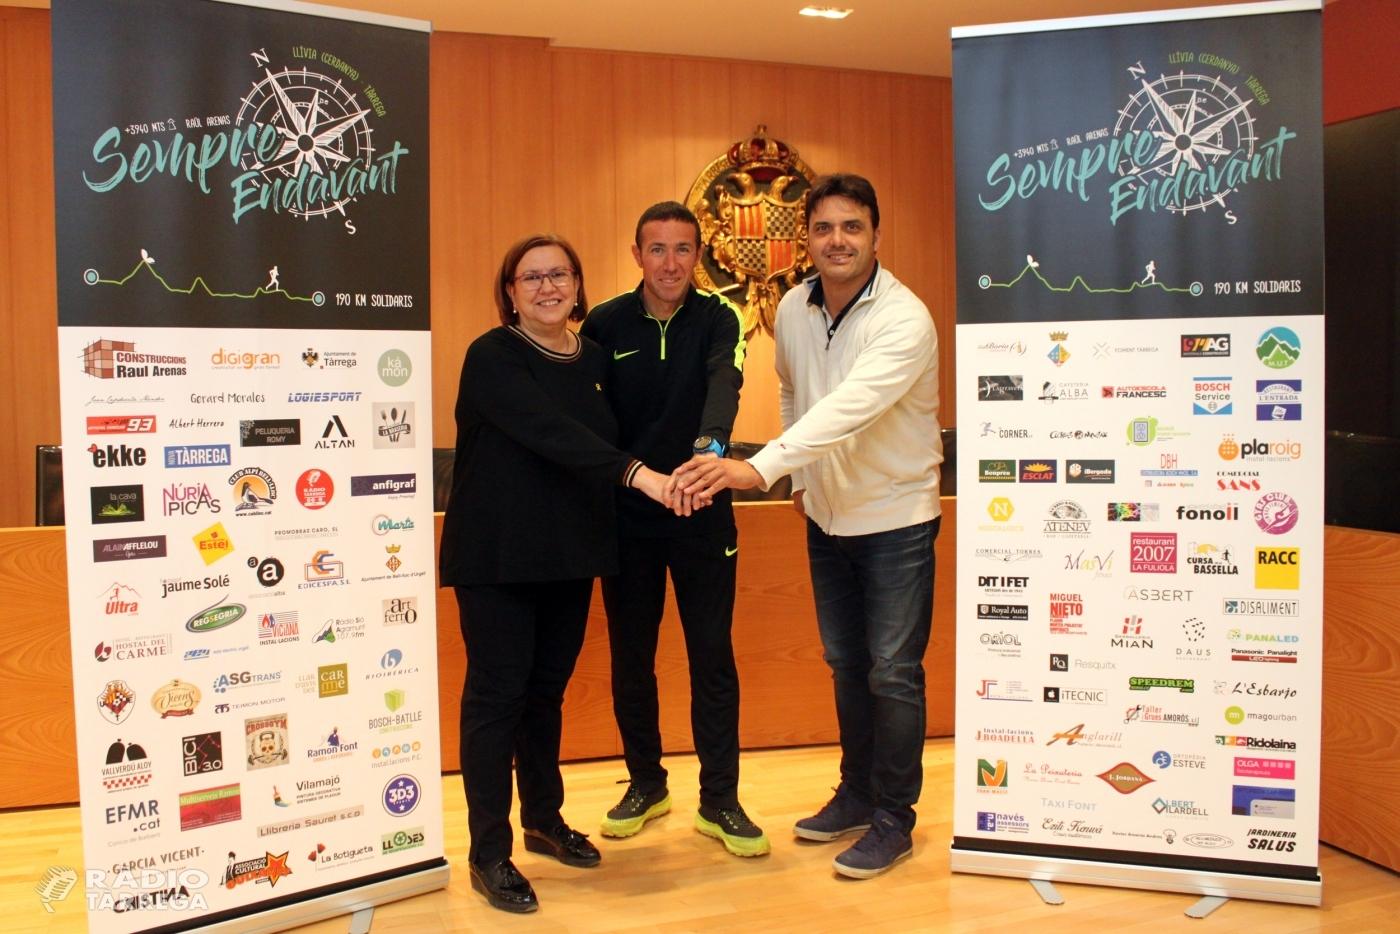 L'Ajuntament de Tàrrega col·labora en la nova iniciativa solidària de l'atleta Raül Arenas en favor d'una noia amb mobilitat reduïda